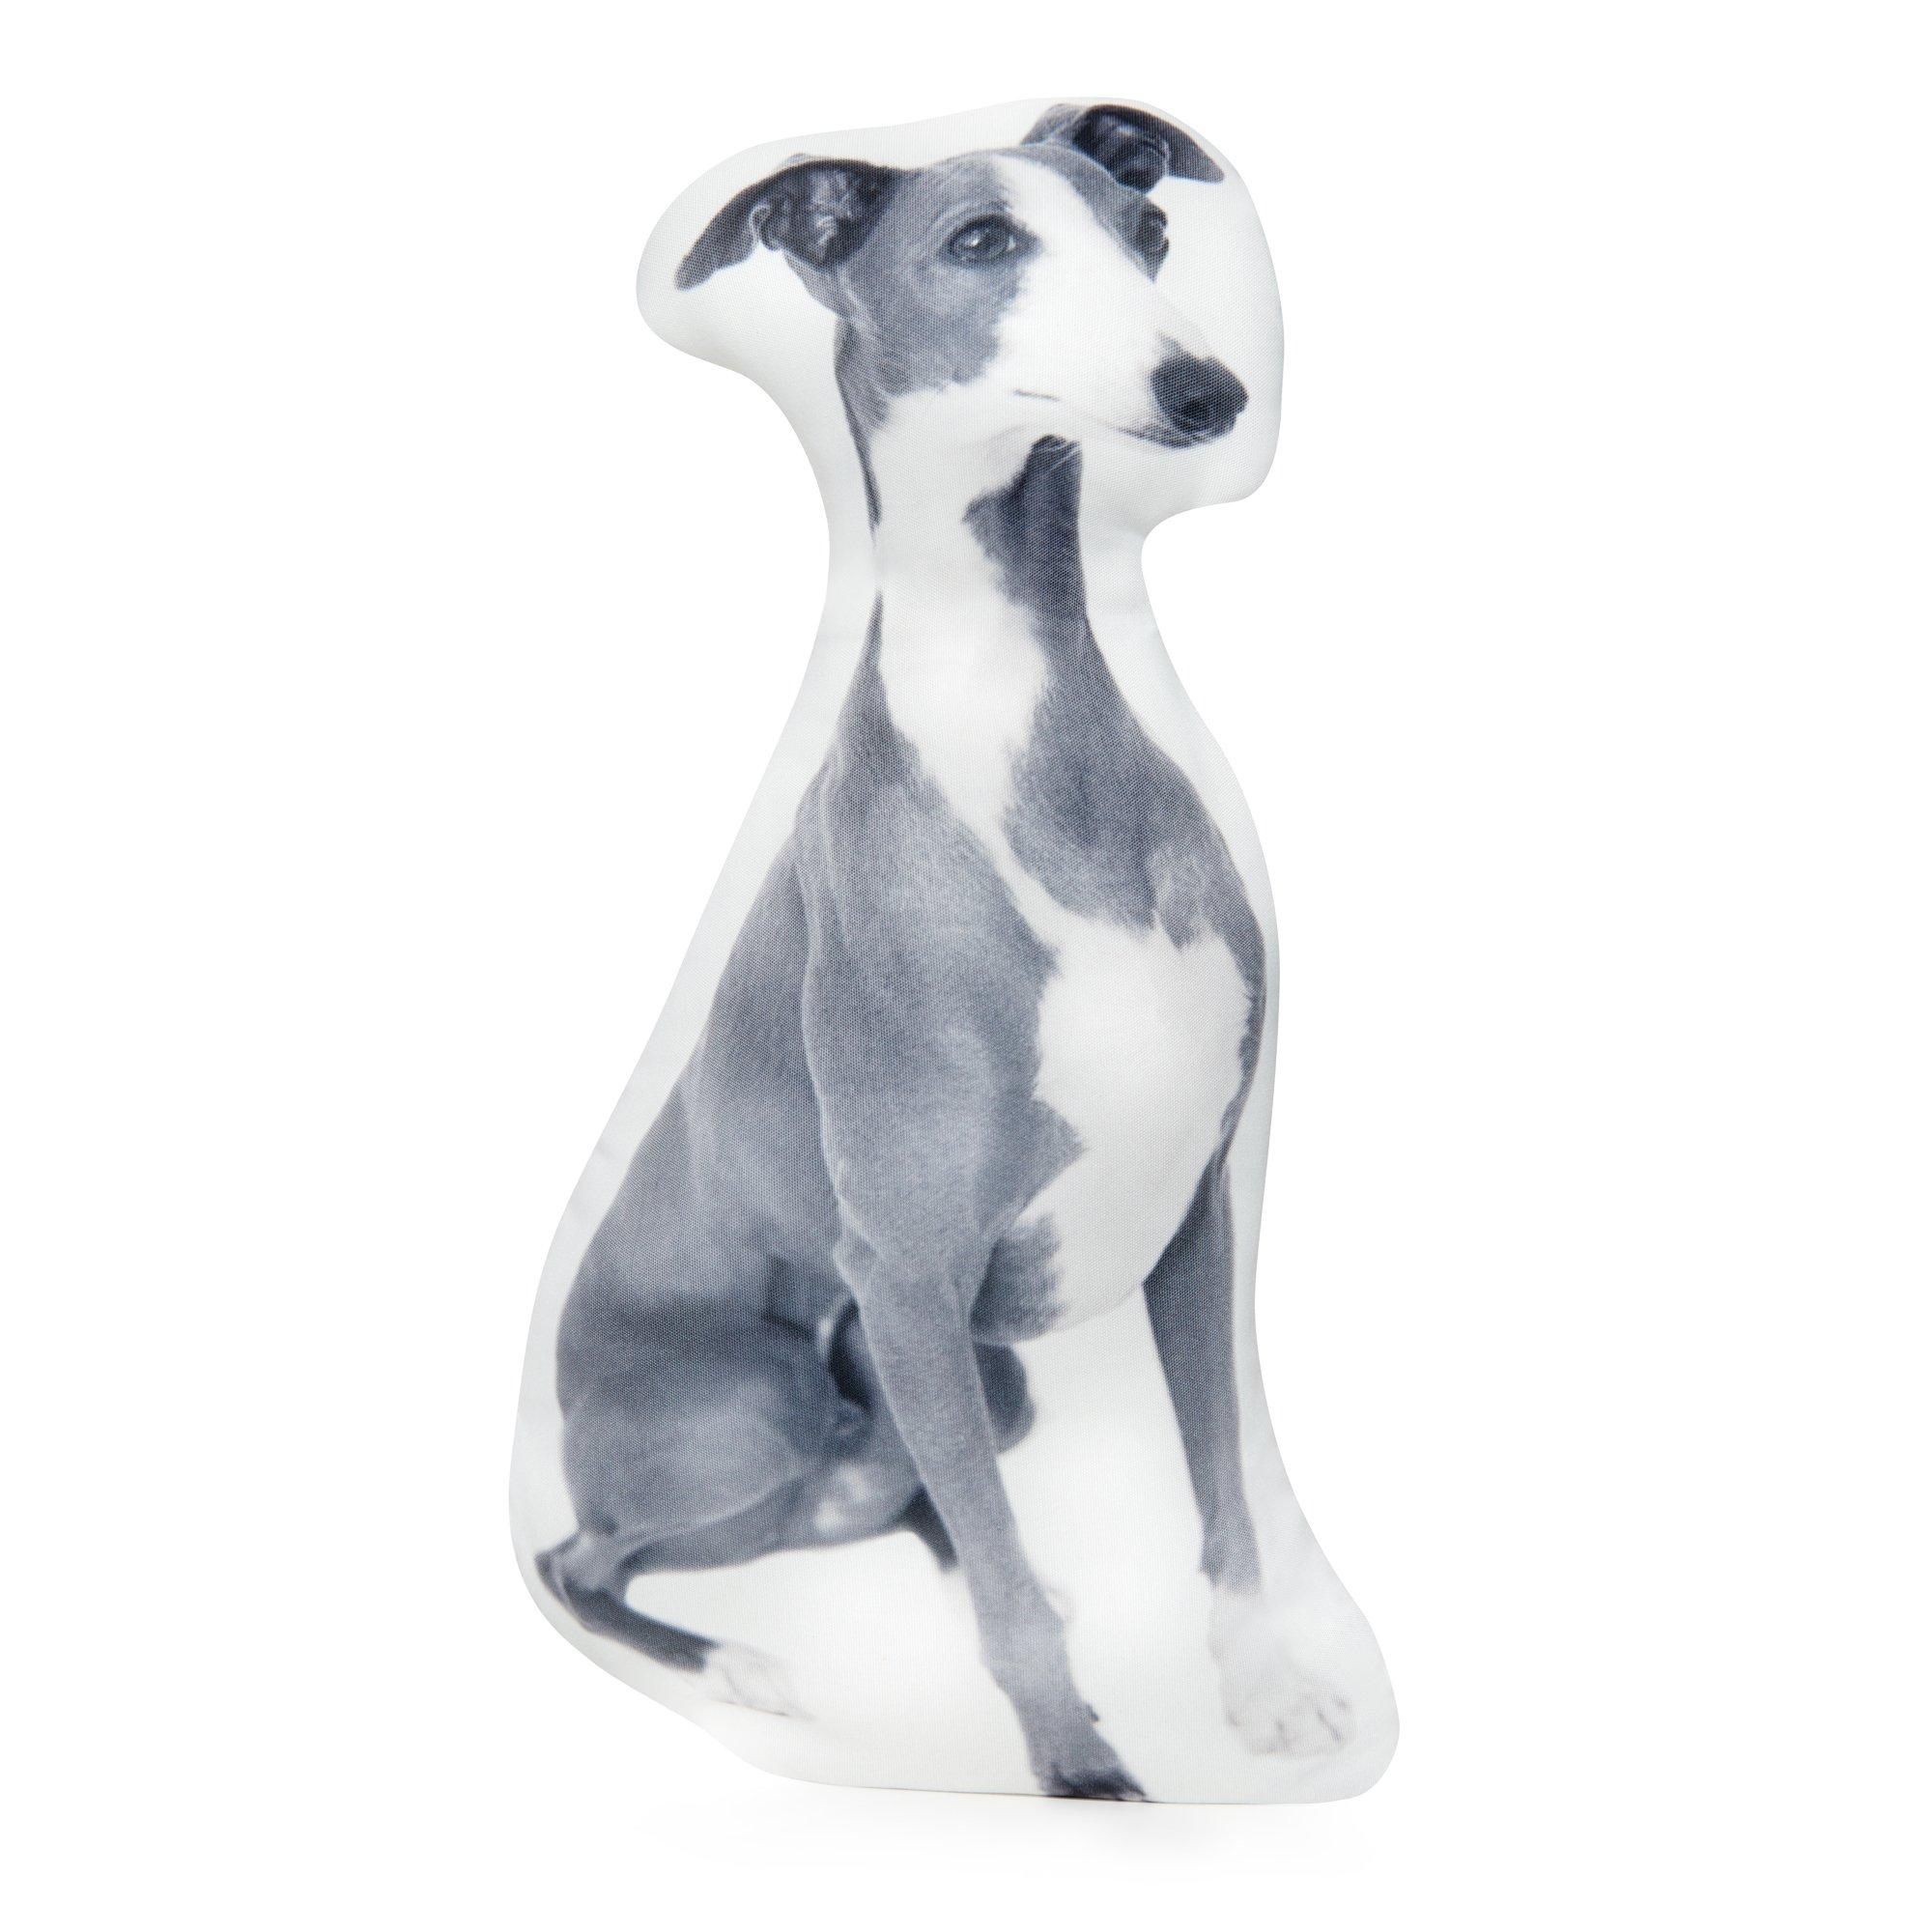 Cushion Co - Greyhound Dog Pillow 16'' x 12''